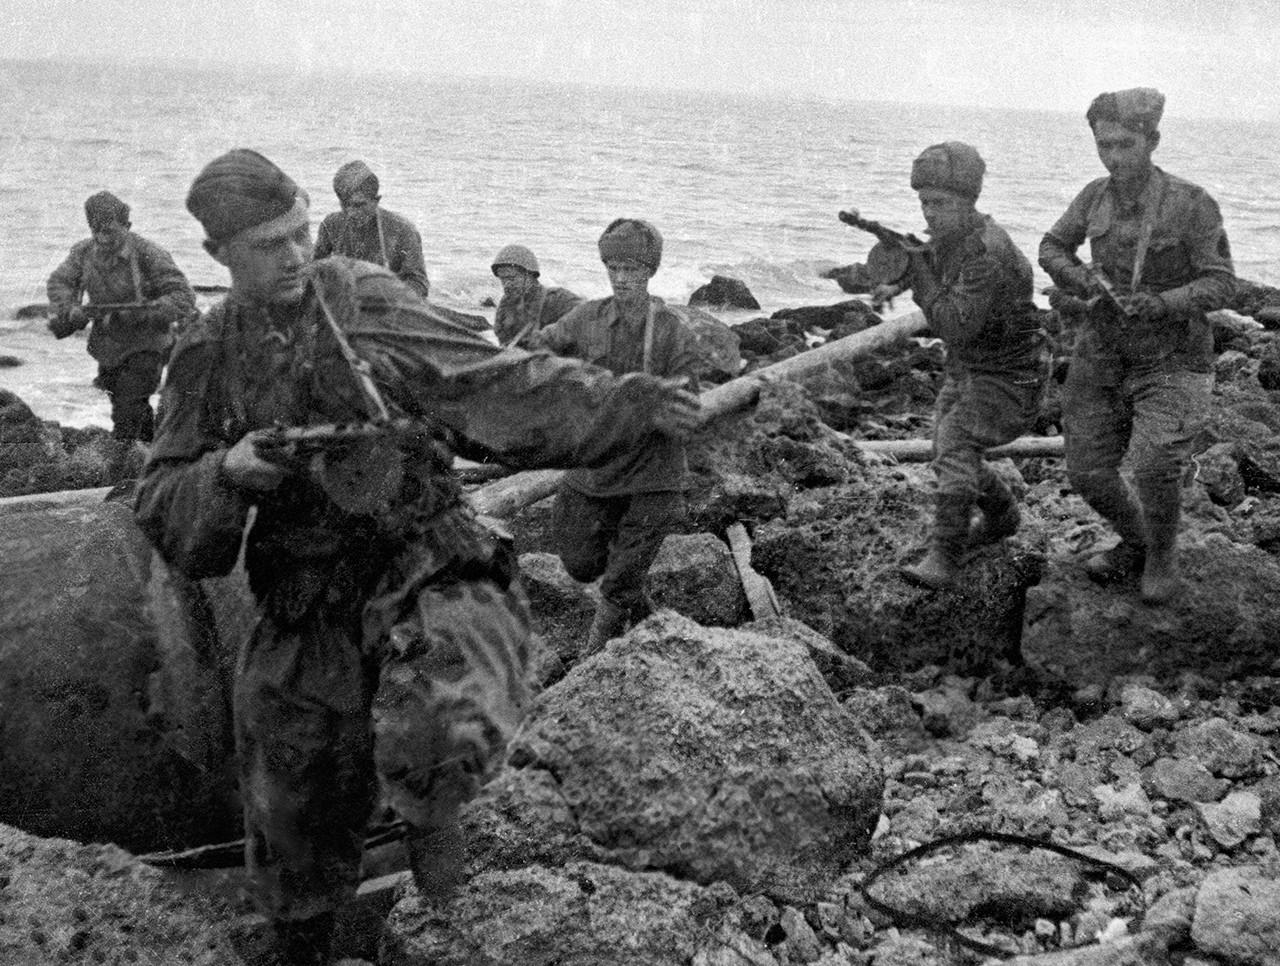 Dsembarco de infantes de marina soviéticos en la costa de Crimea ocupada por el ejército nazi, año 1943.